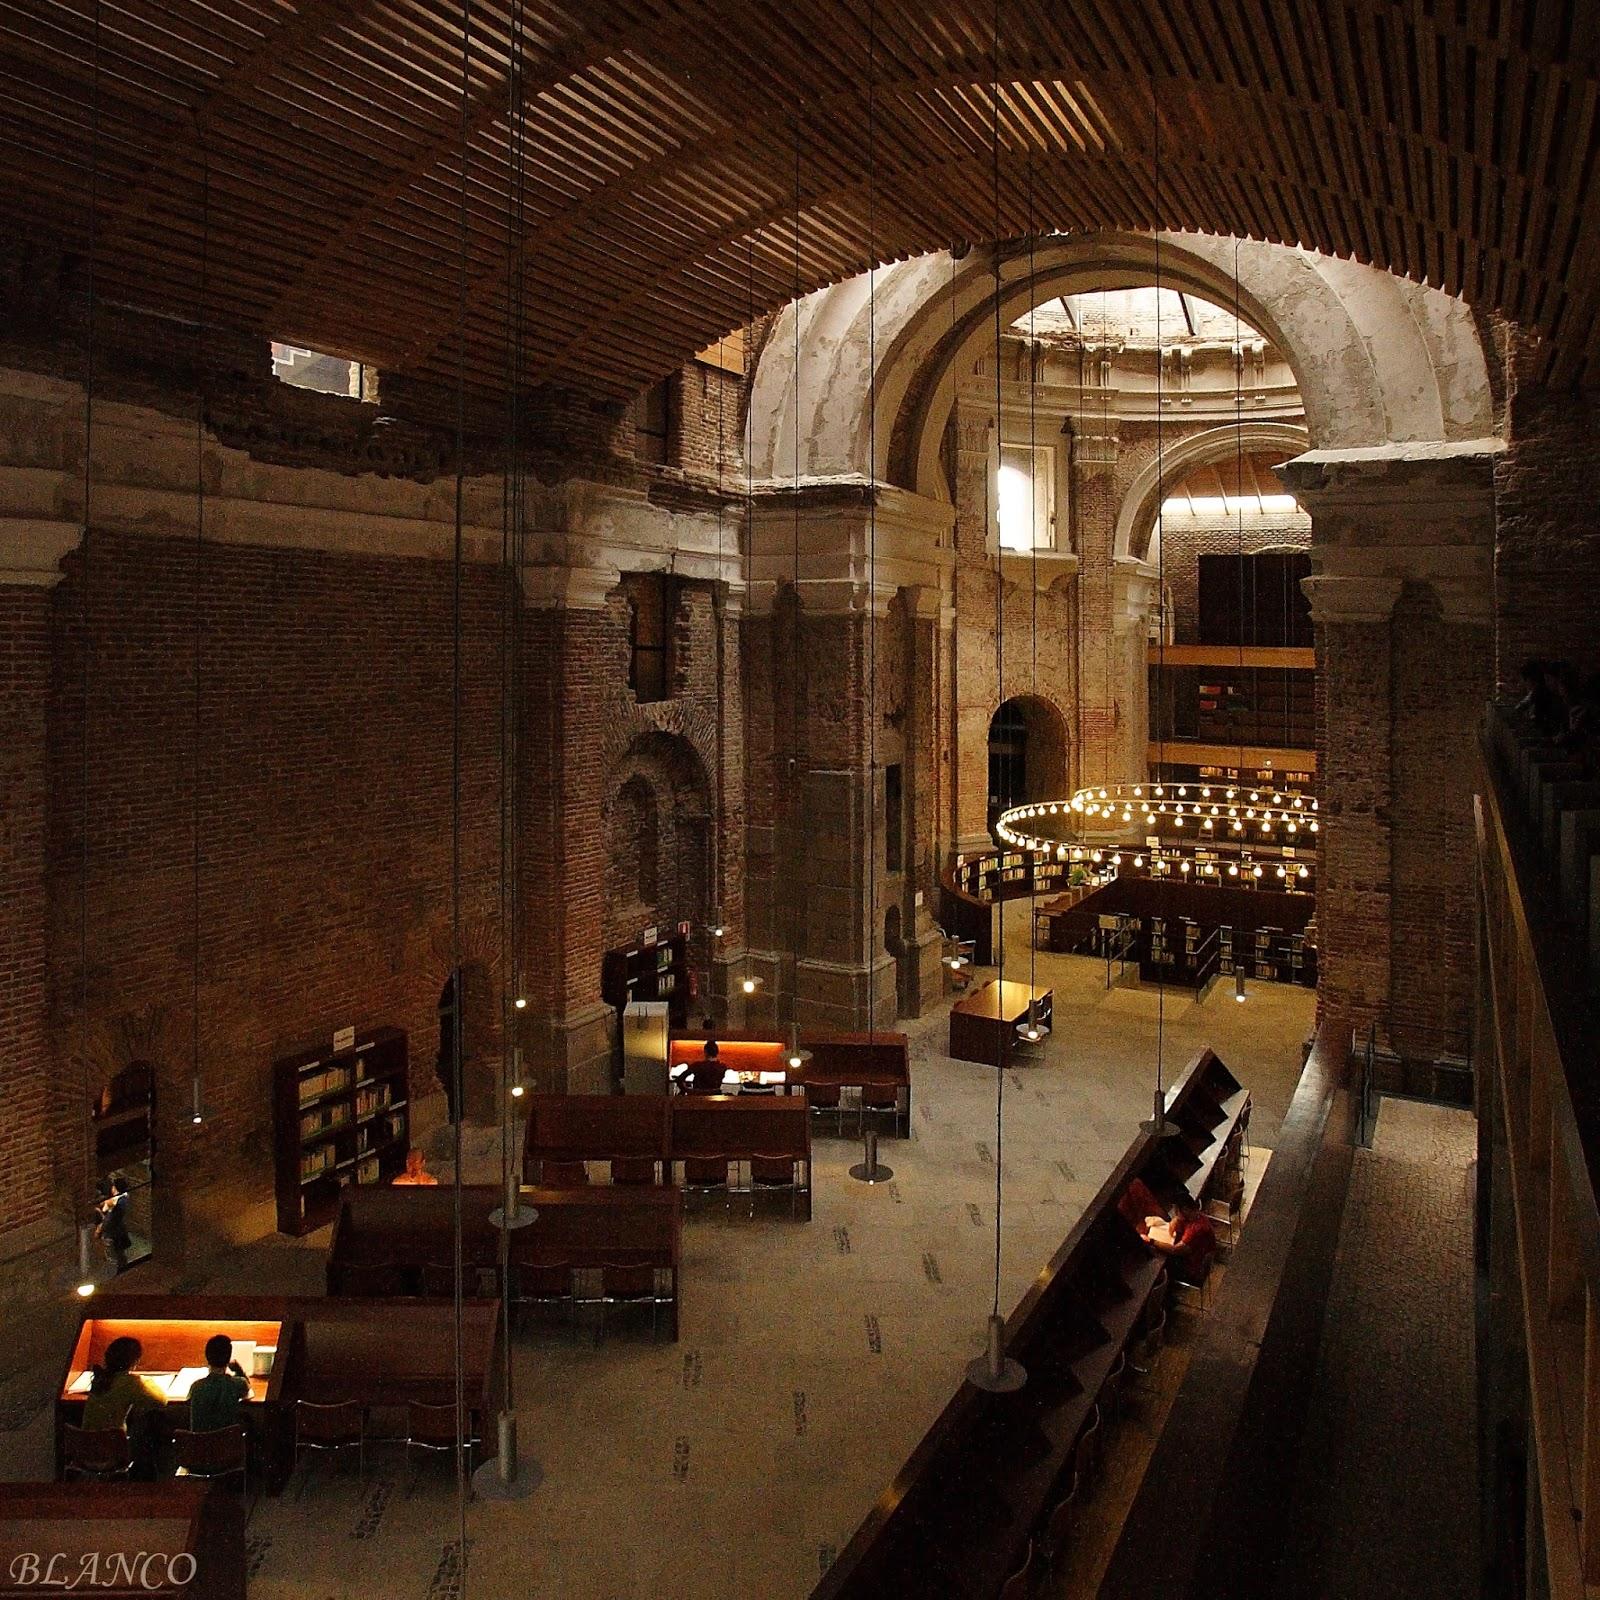 Madrid en foto escuelas p as de san fernando biblioteca for Biblioteca de la uned madrid